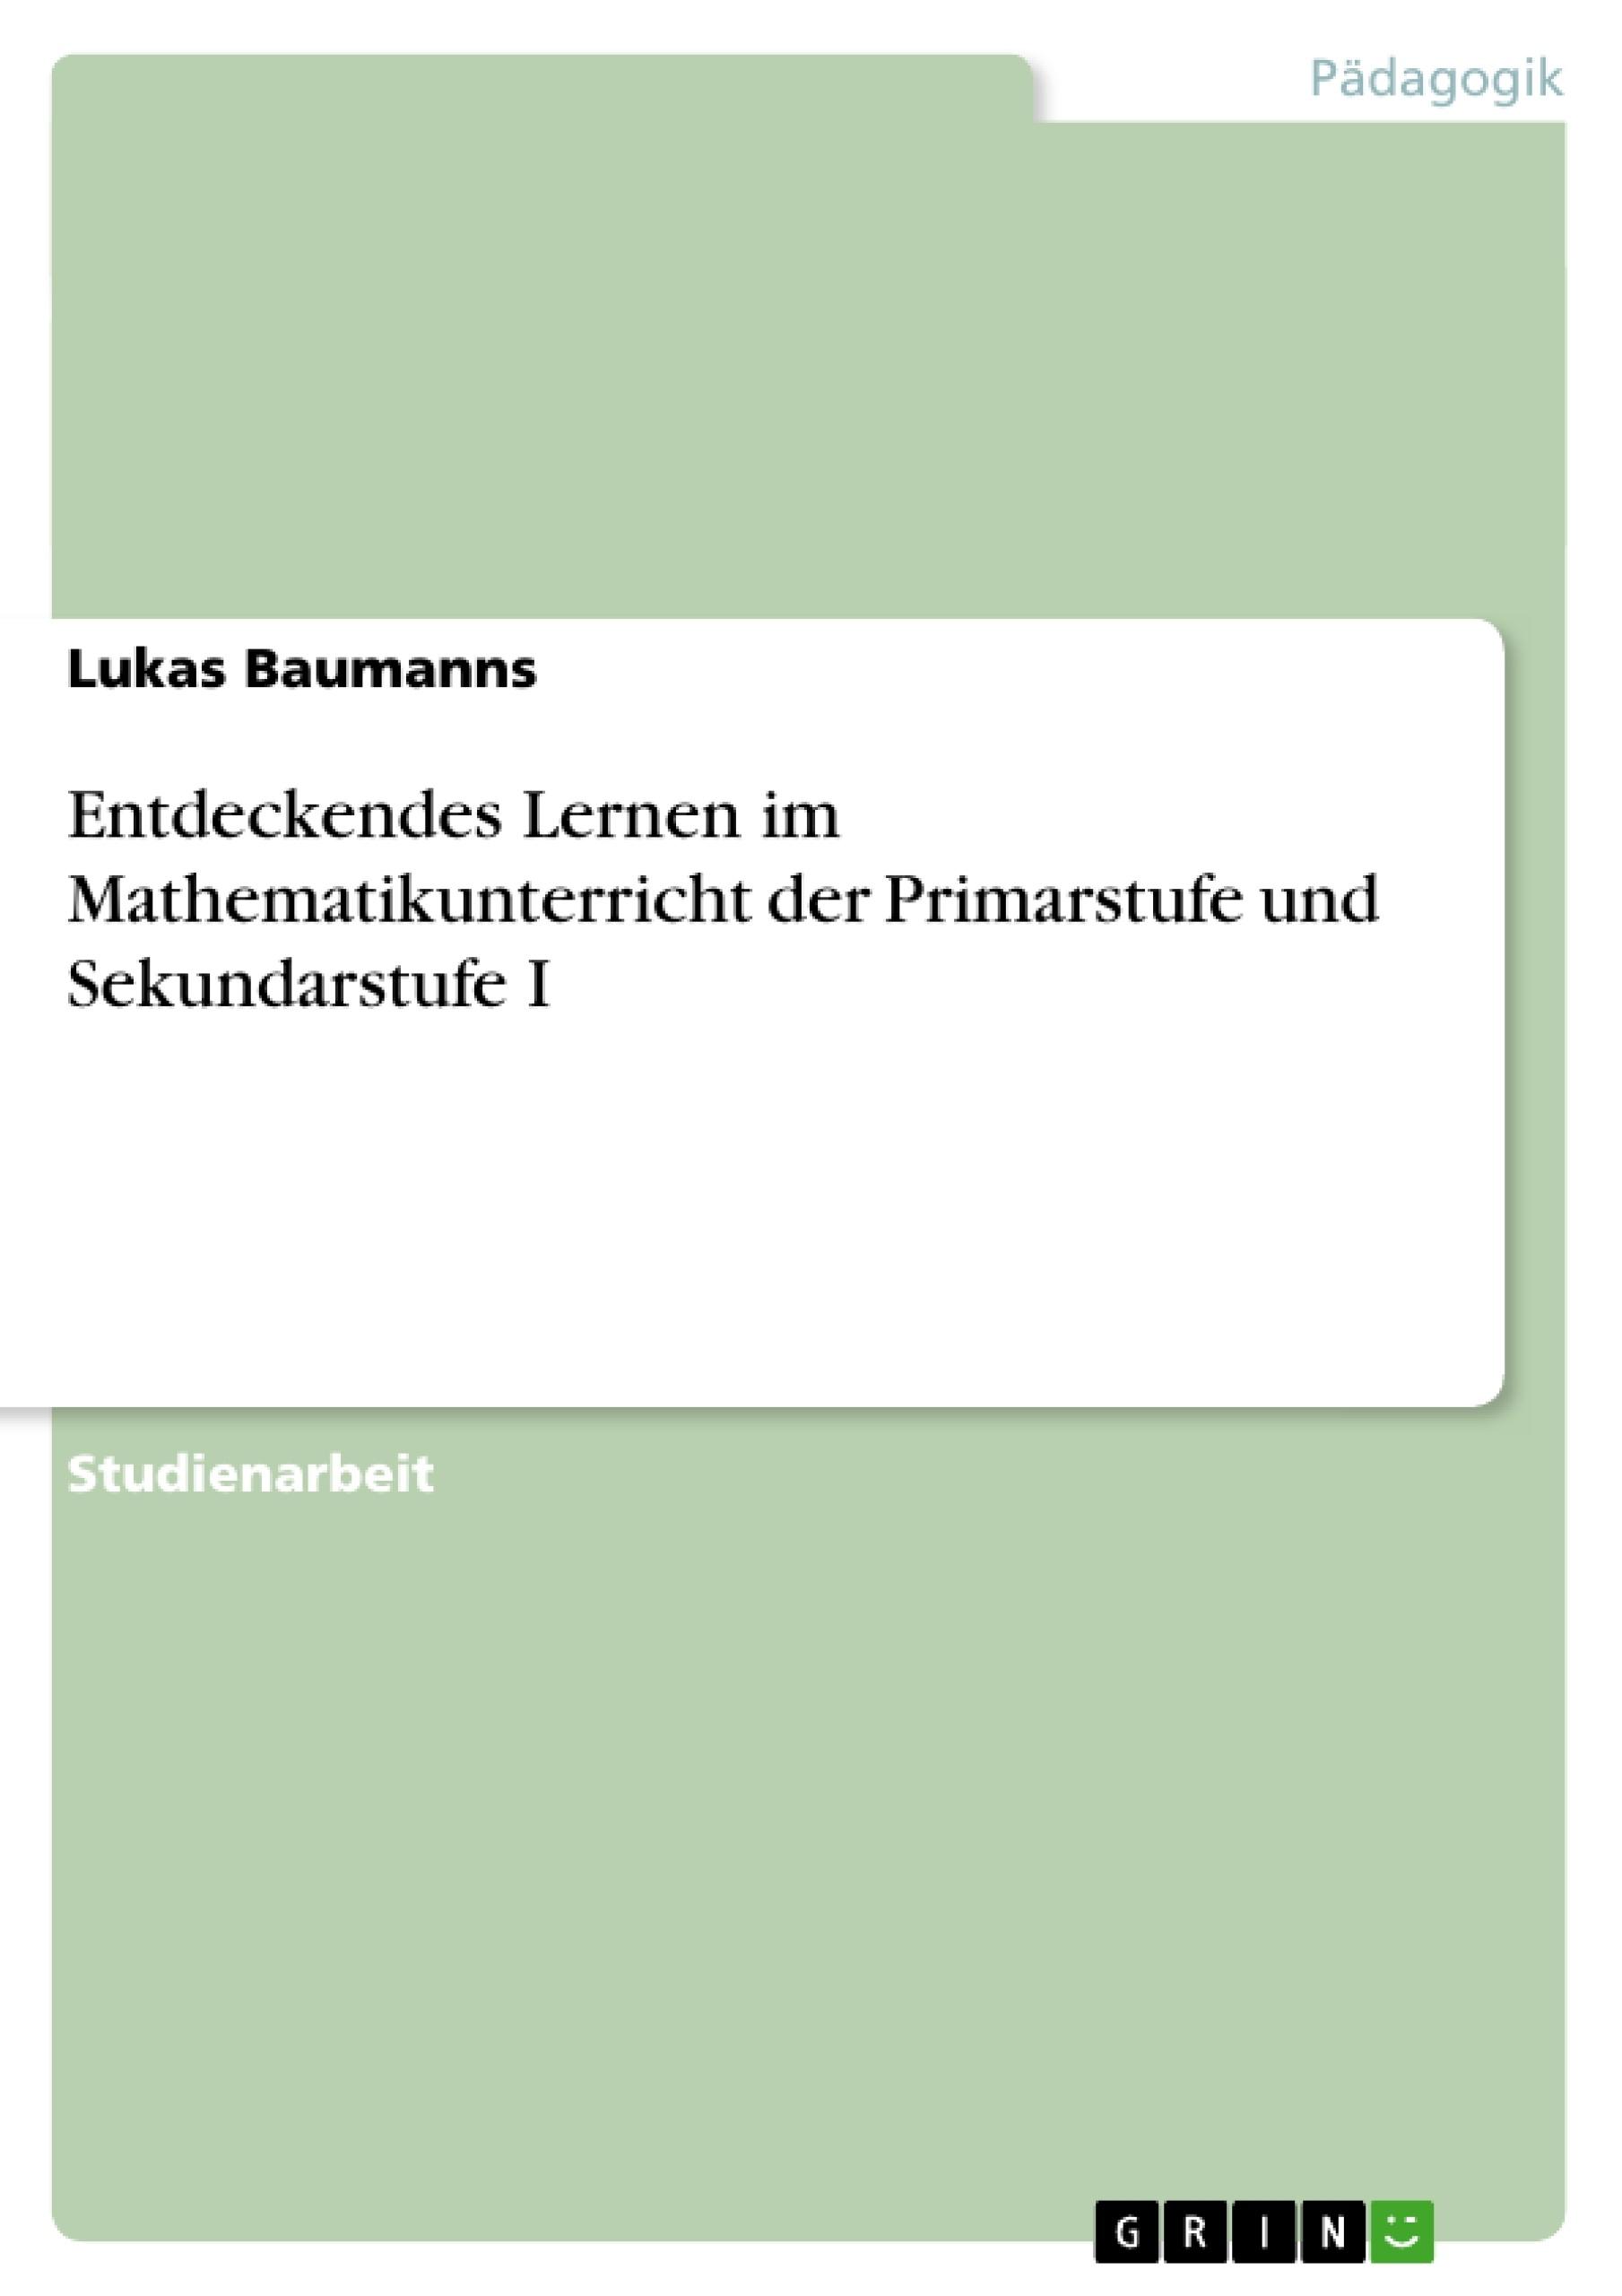 Titel: Entdeckendes Lernen im Mathematikunterricht der Primarstufe und Sekundarstufe I